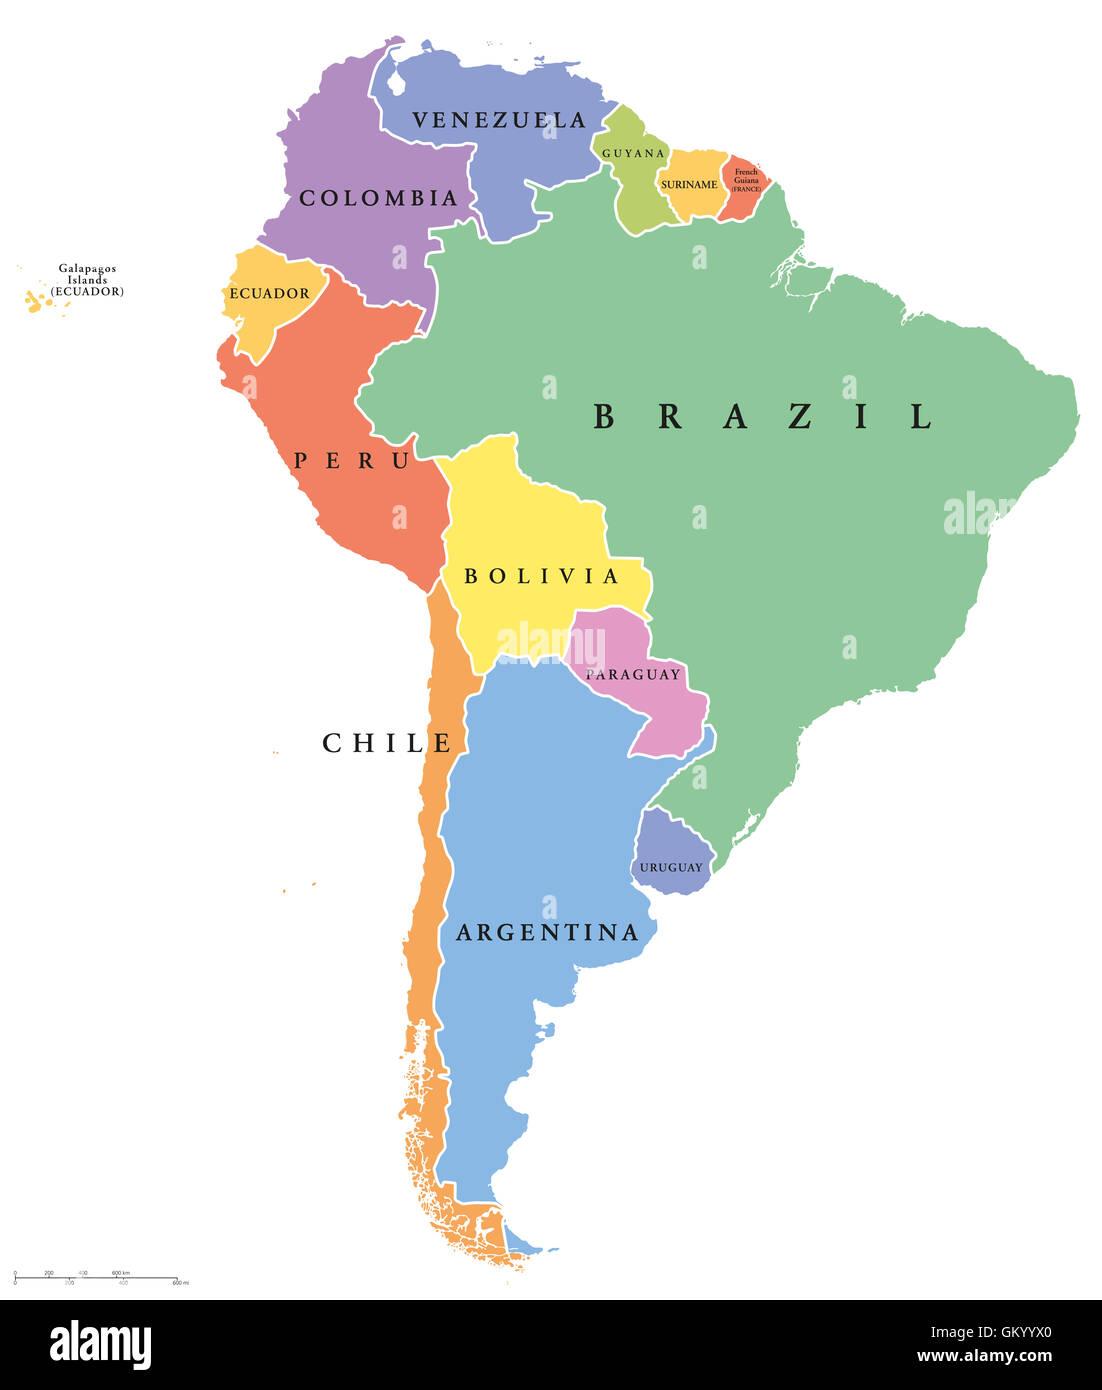 Südamerika Karte Länder.Südamerika Einzelne Staaten Politische Karte Alle Länder In